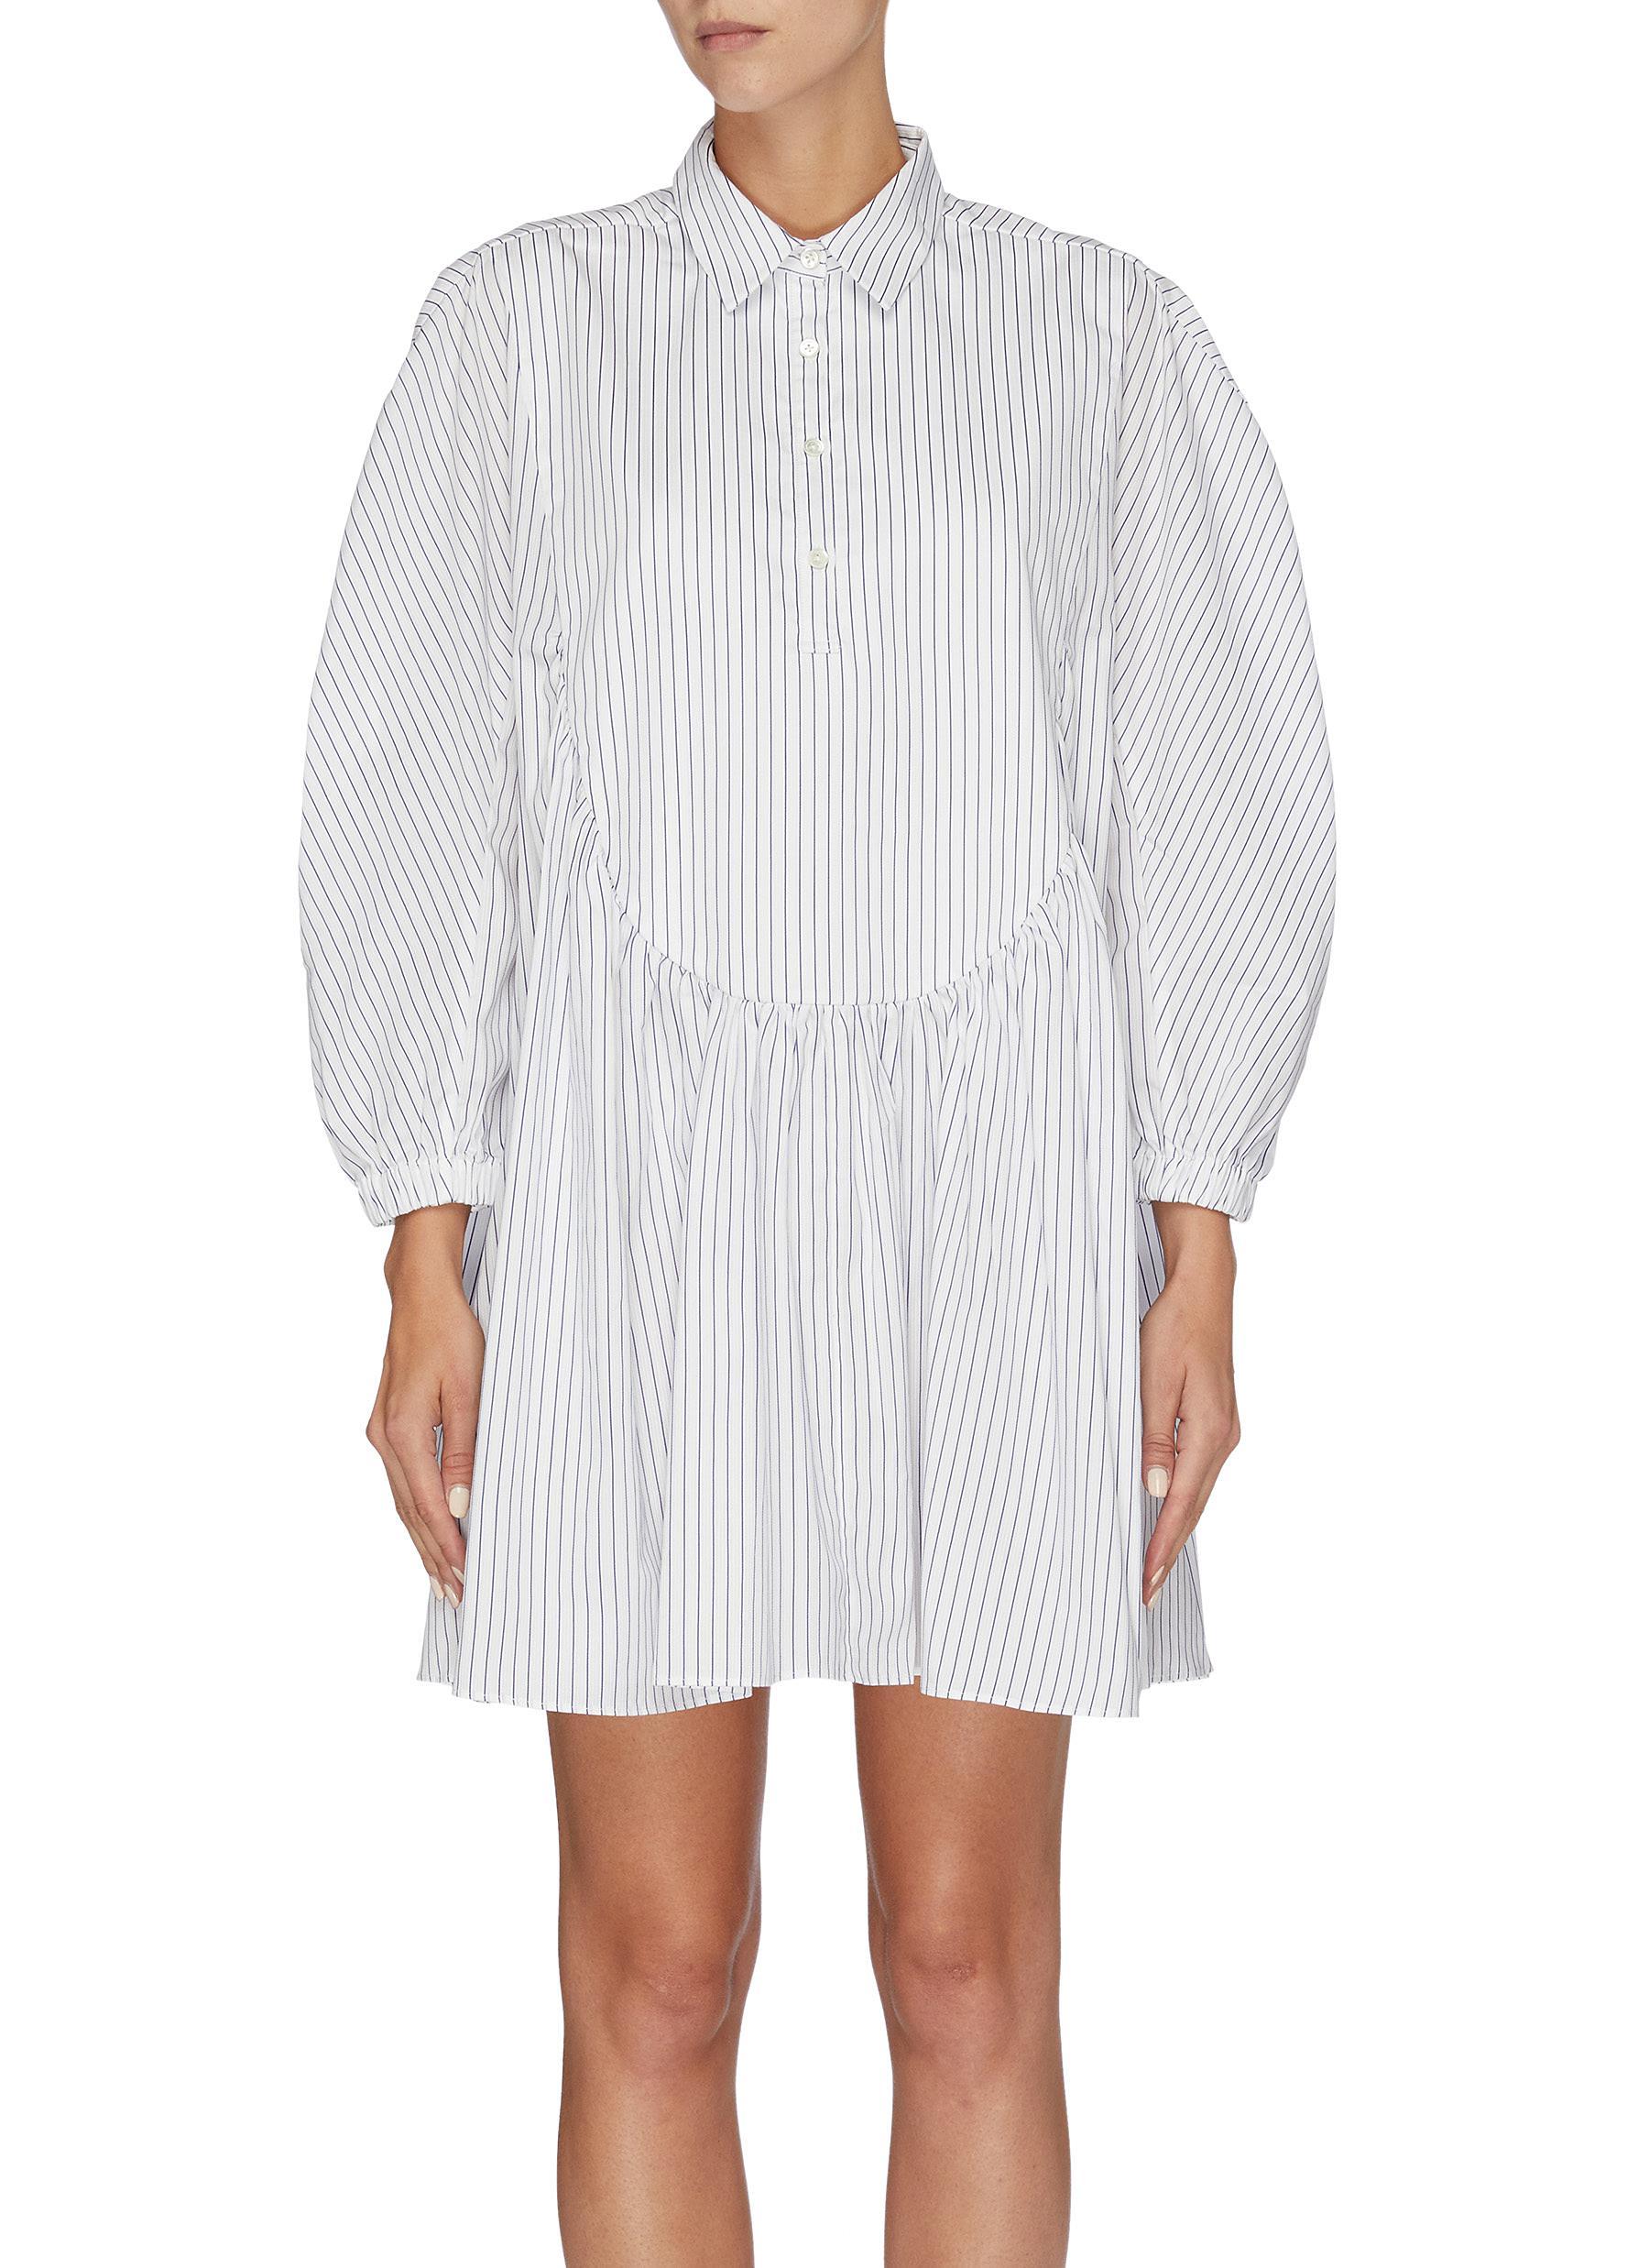 Puff sleeve pinstripe shirt dress by Shushu/Tong